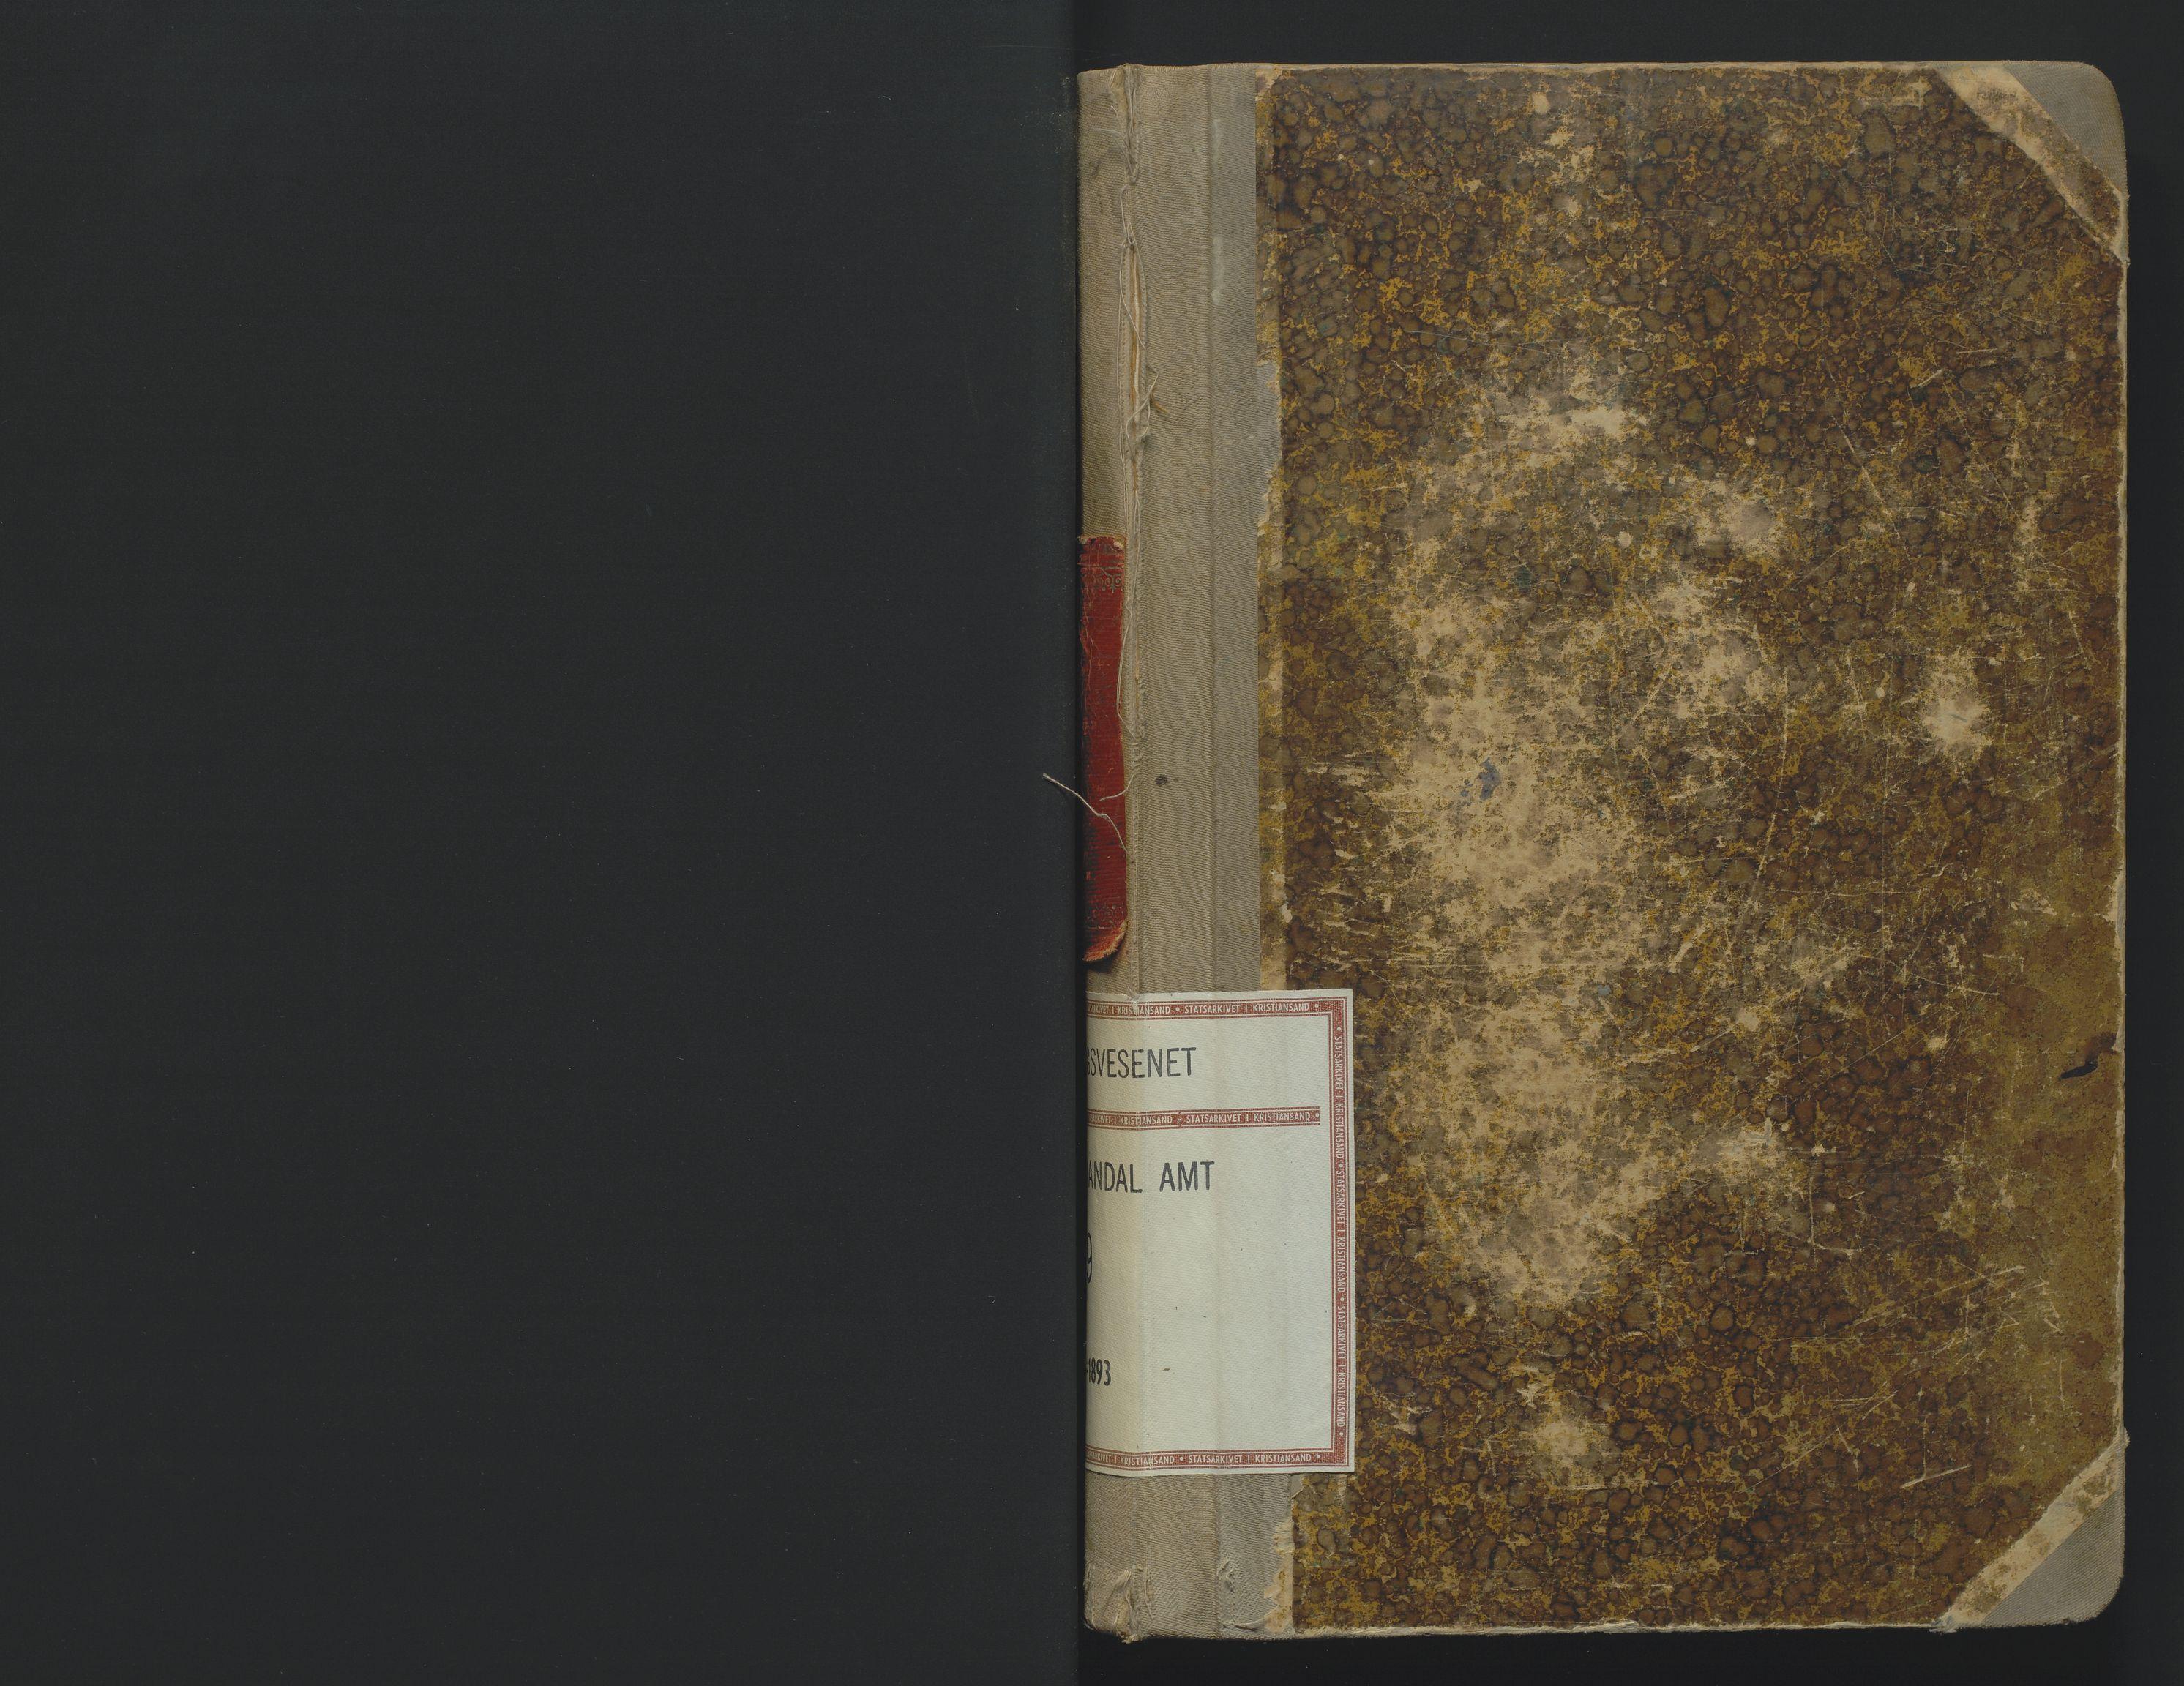 SAK, Utskiftningsformannen i Lister og Mandal amt, F/Fa/Faa/L0019: Utskiftningsprotokoll med register nr 19, 1891-1893